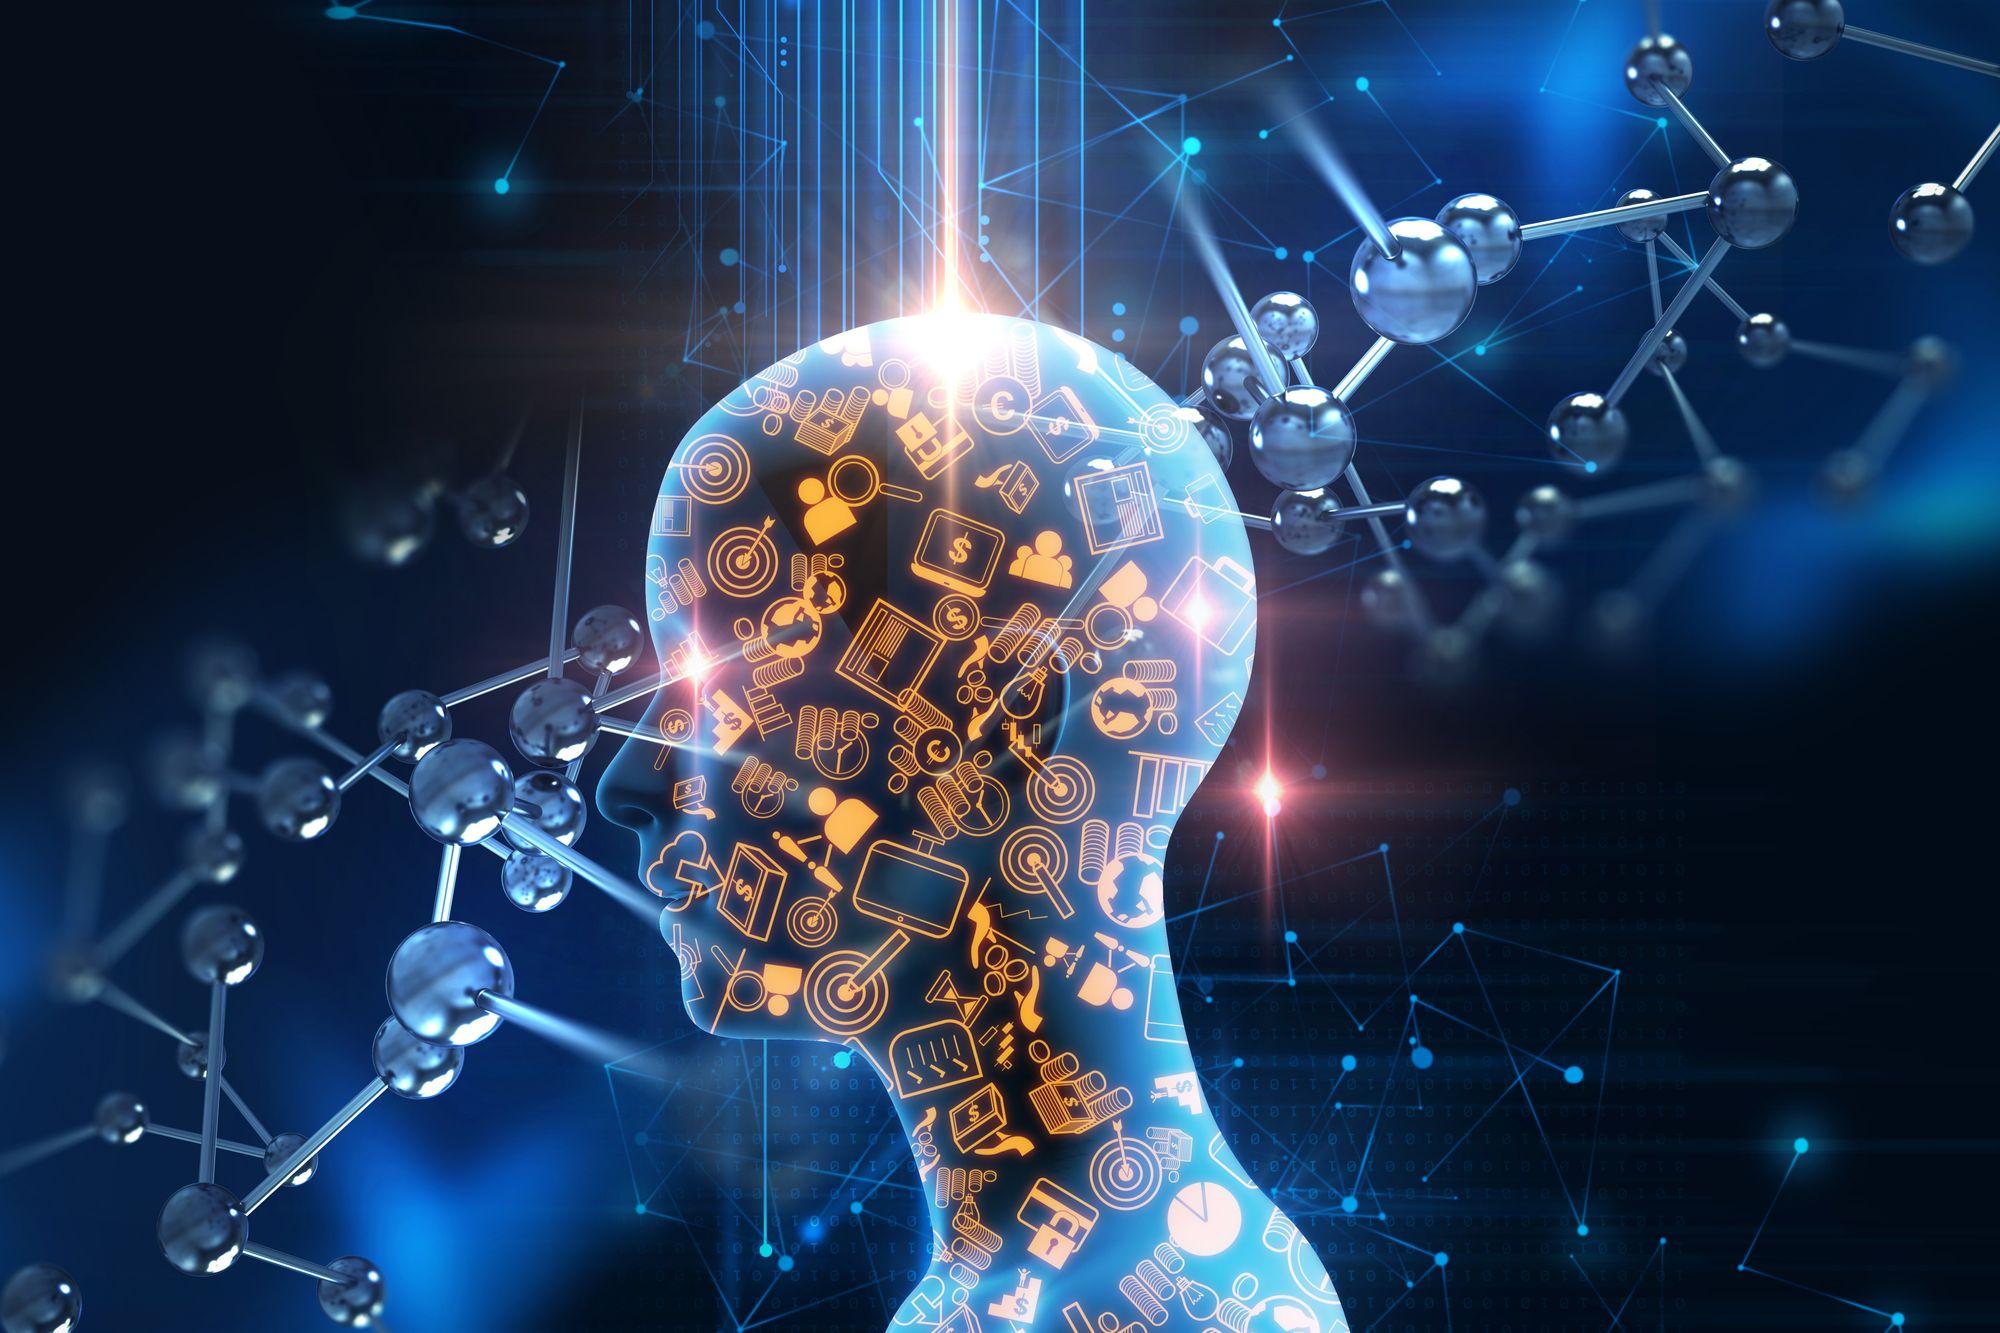 steve jobs, Manşet, geleceğin dünyası, edison, bilgi üretmek